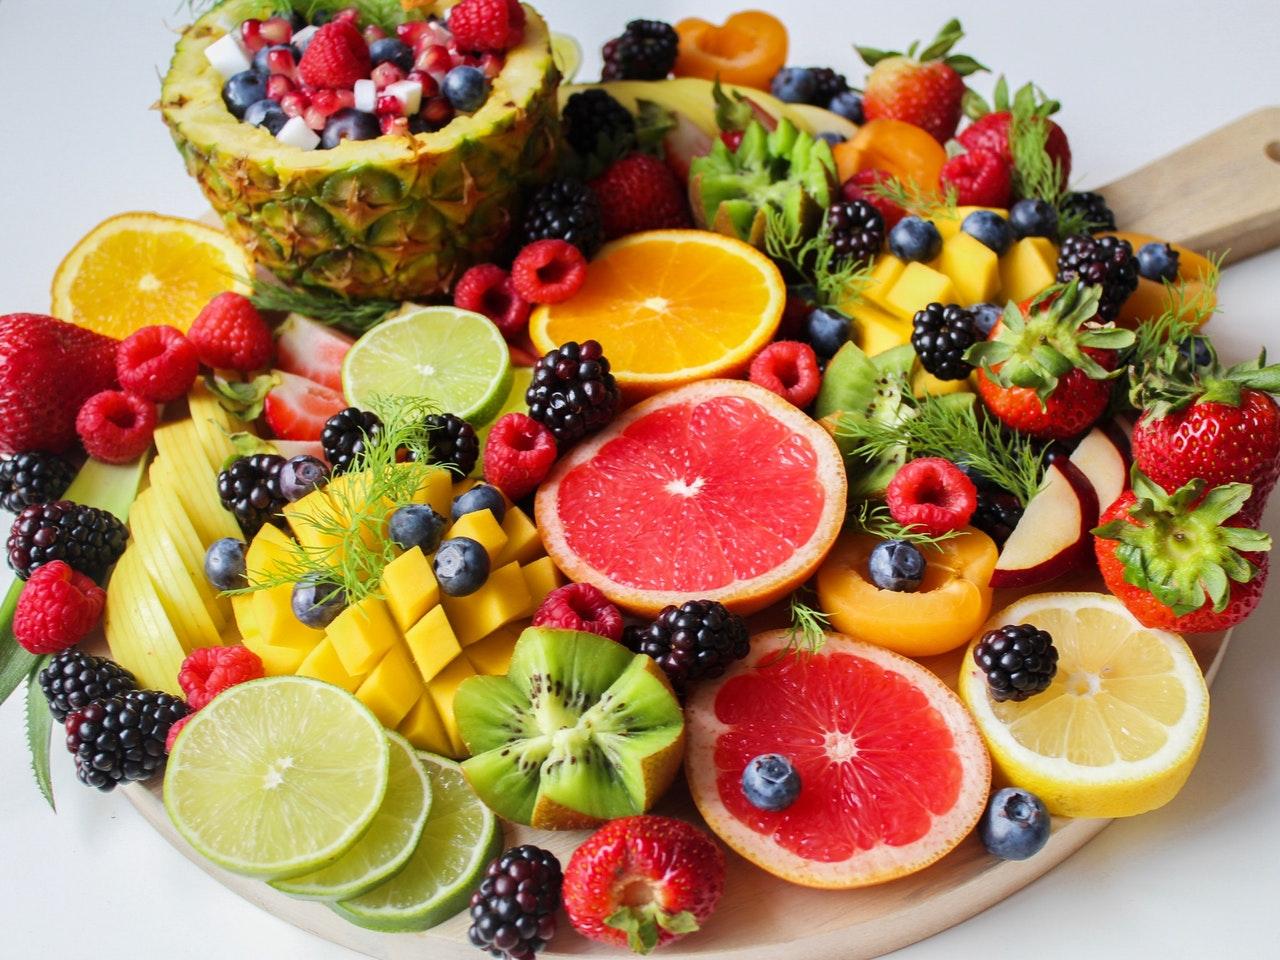 berries-citrus-citrus-fruits-1132047